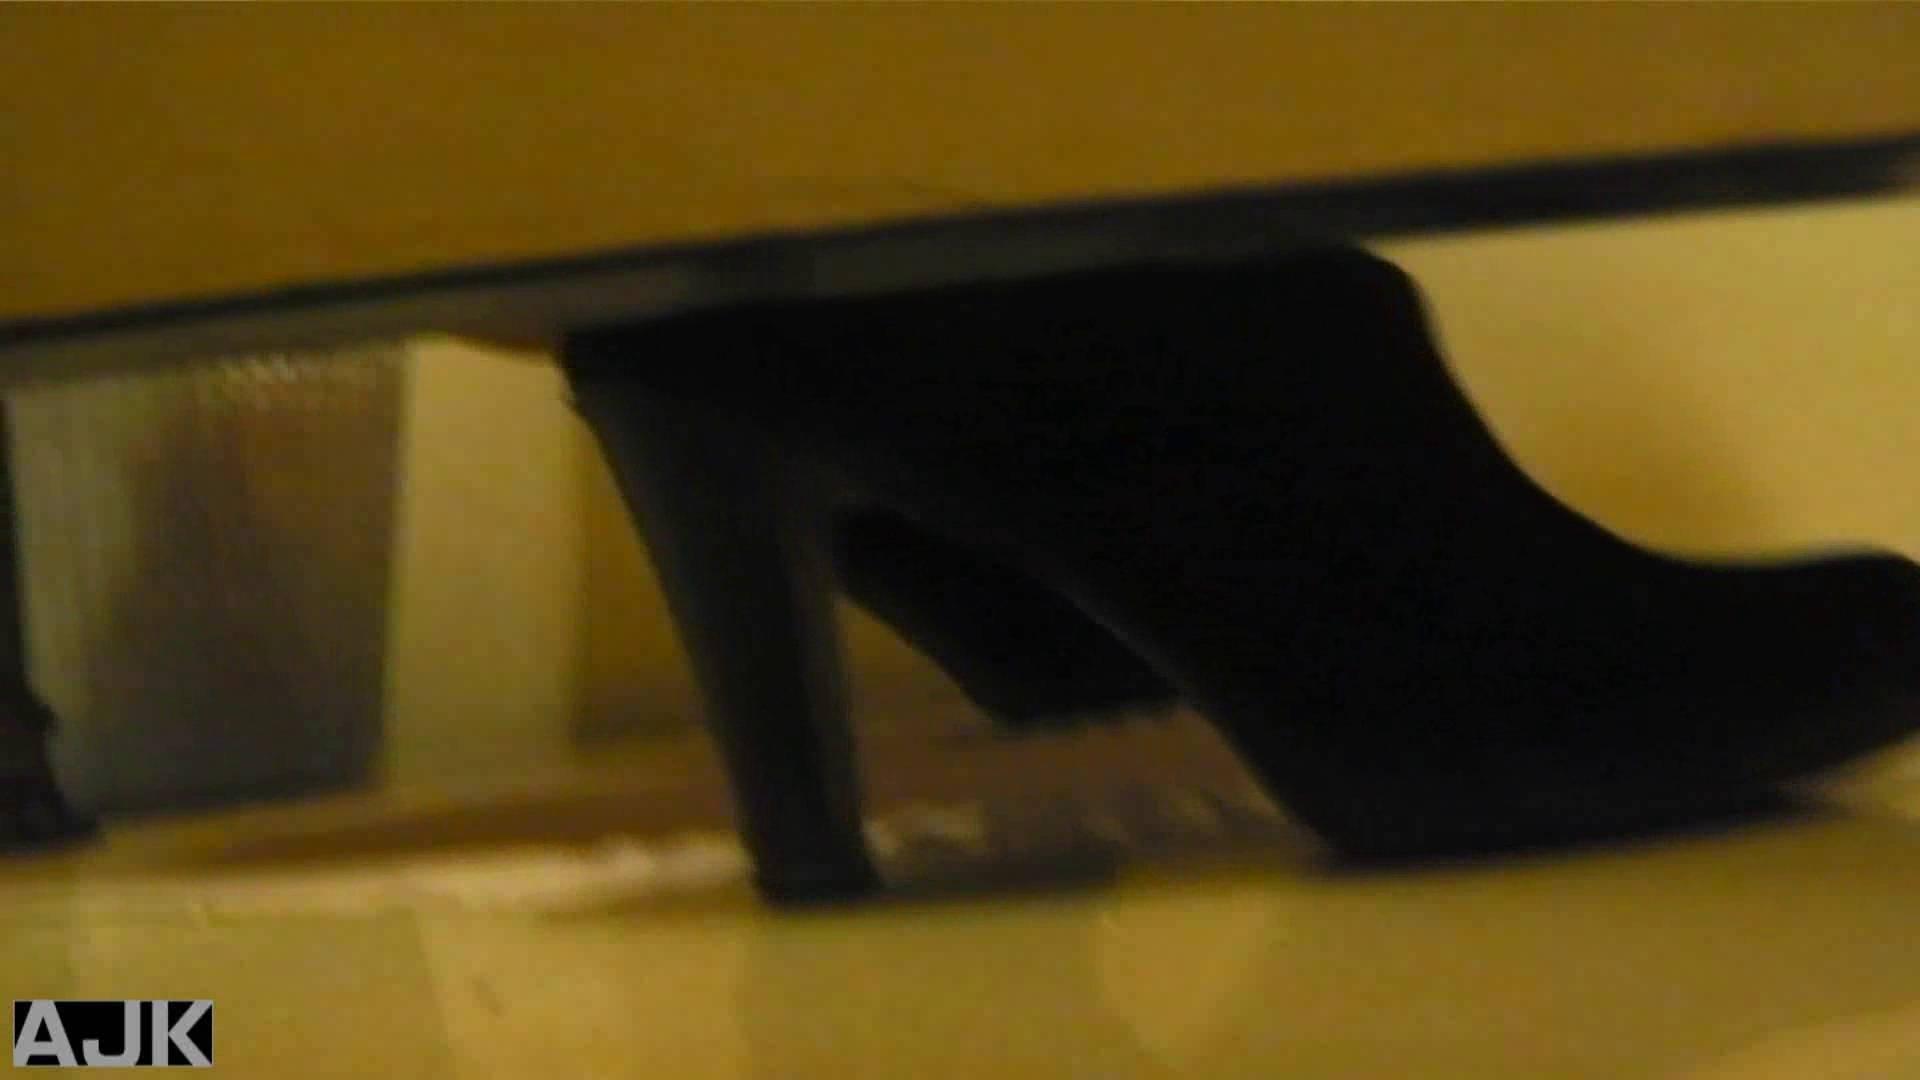 隣国上階級エリアの令嬢たちが集うデパートお手洗い Vol.26 マンコ AV動画キャプチャ 66画像 27